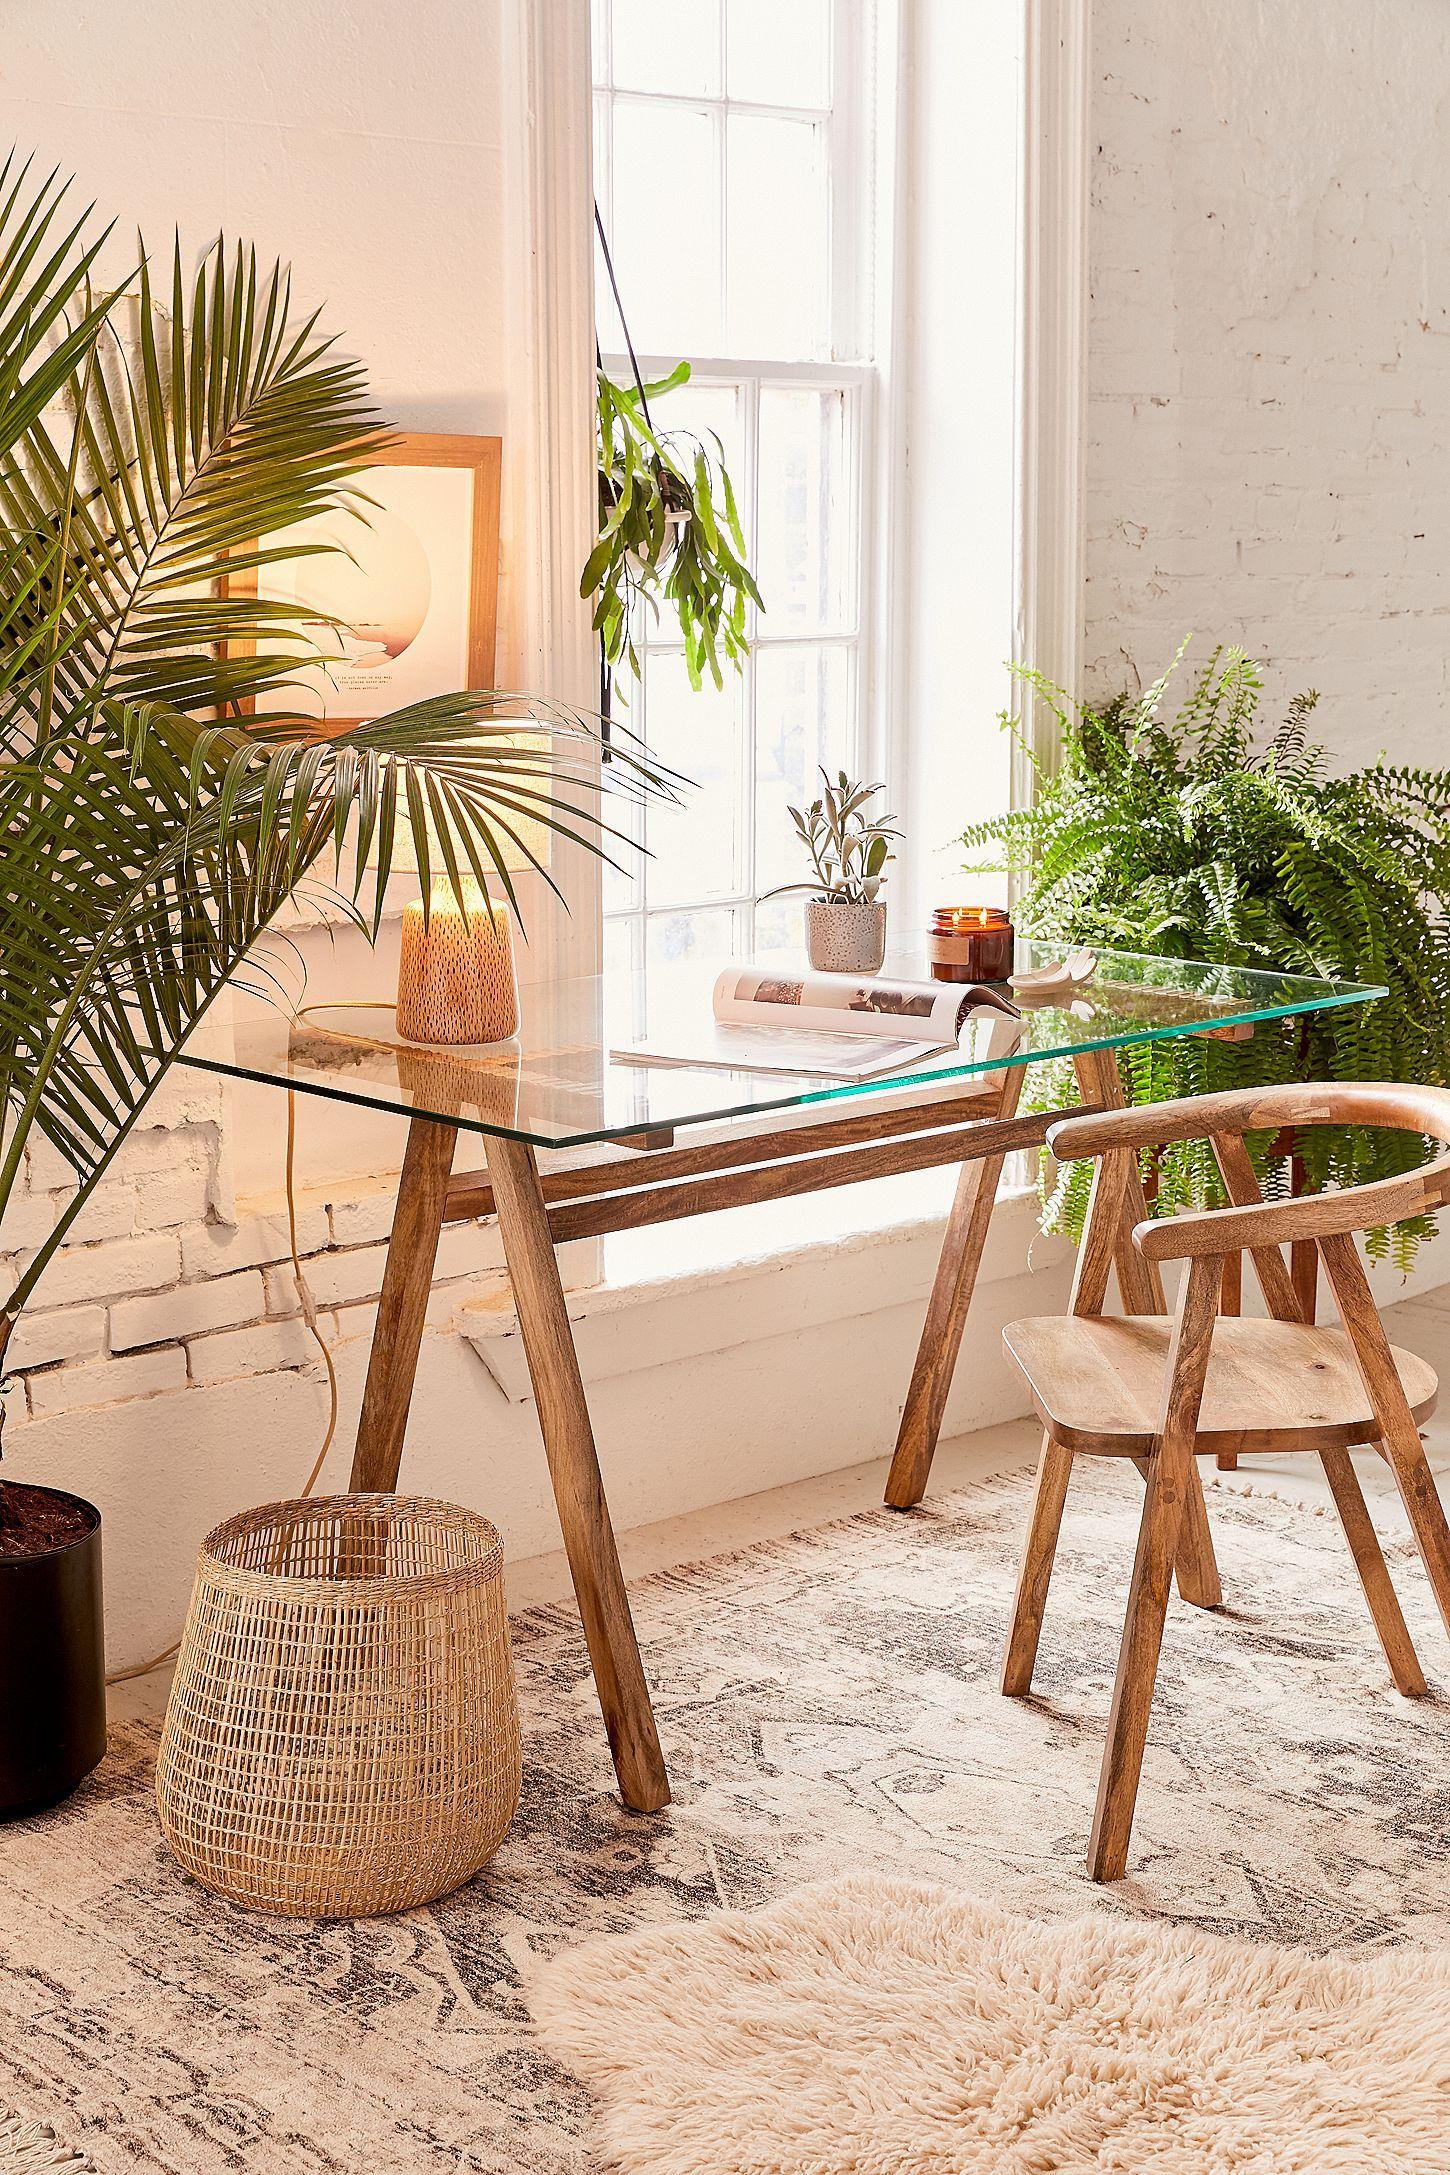 Gợi ý bạn những mẫu bàn làm việc tại nhà giúp bạn nâng cao hiệu suất làm việc như tại công ty - Ảnh 9.